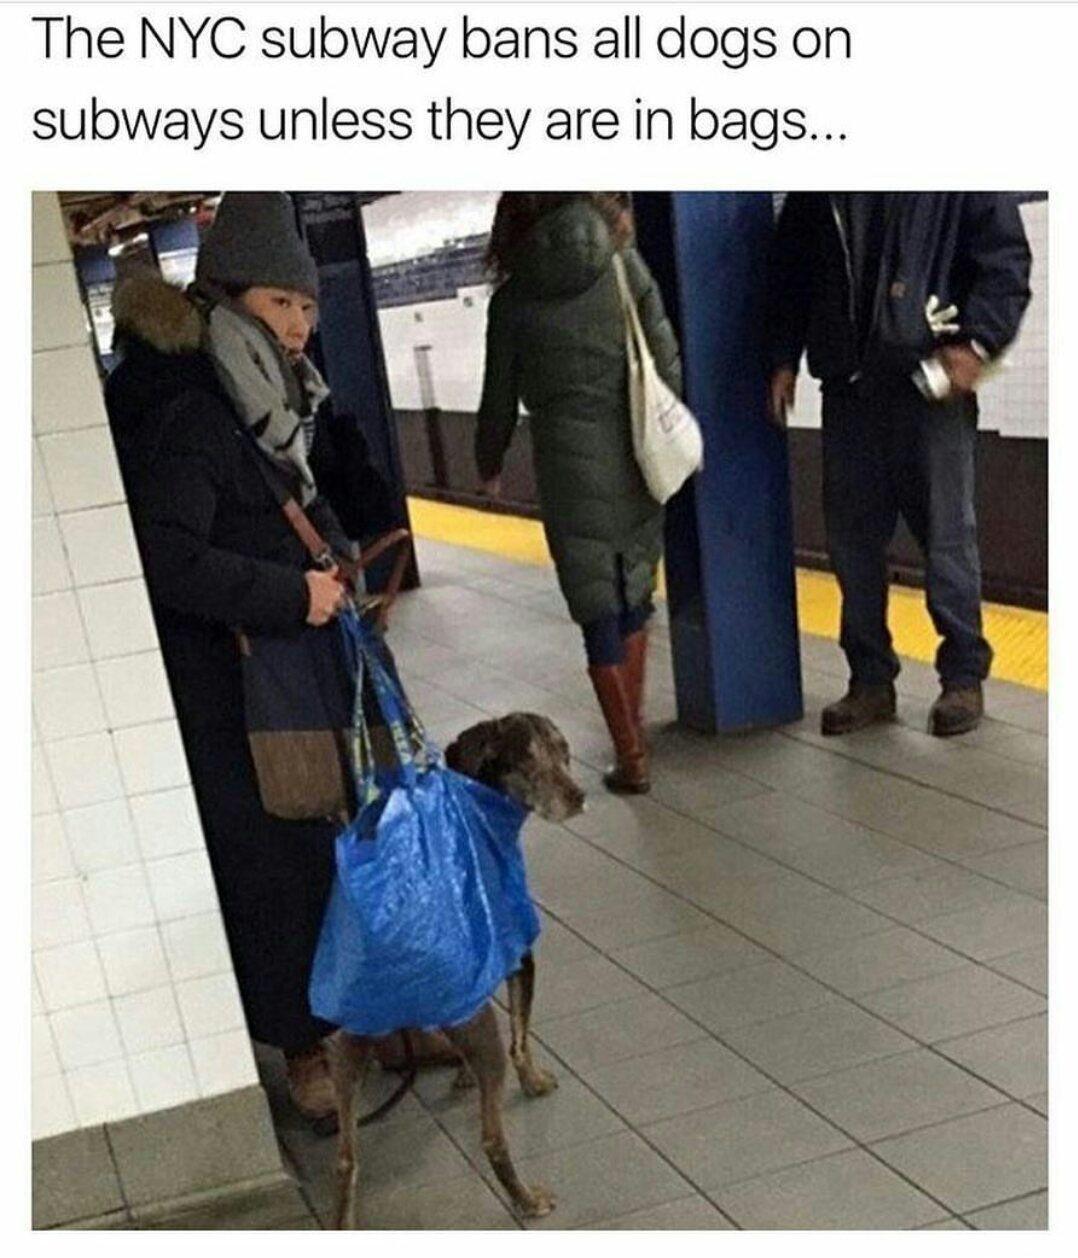 Dans le métro de New York, les chiens sont interdits sauf s'ils sont dans un sac !